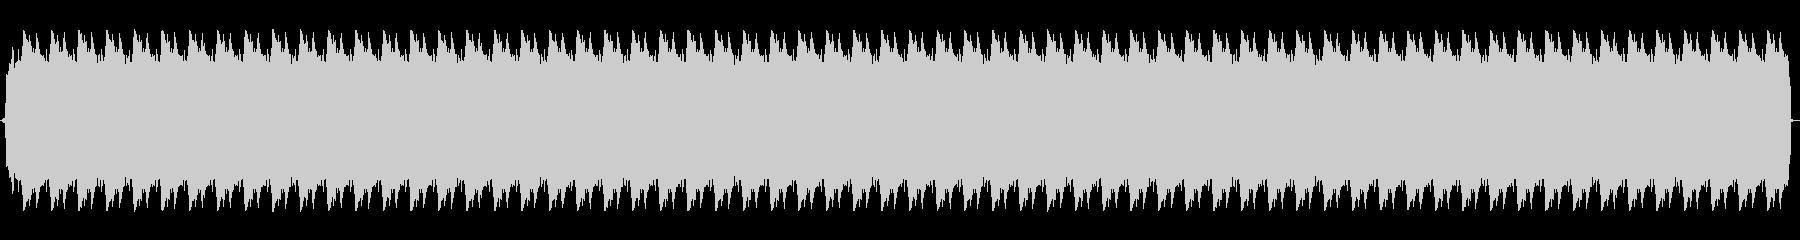 【効果音】目覚まし時計1の未再生の波形